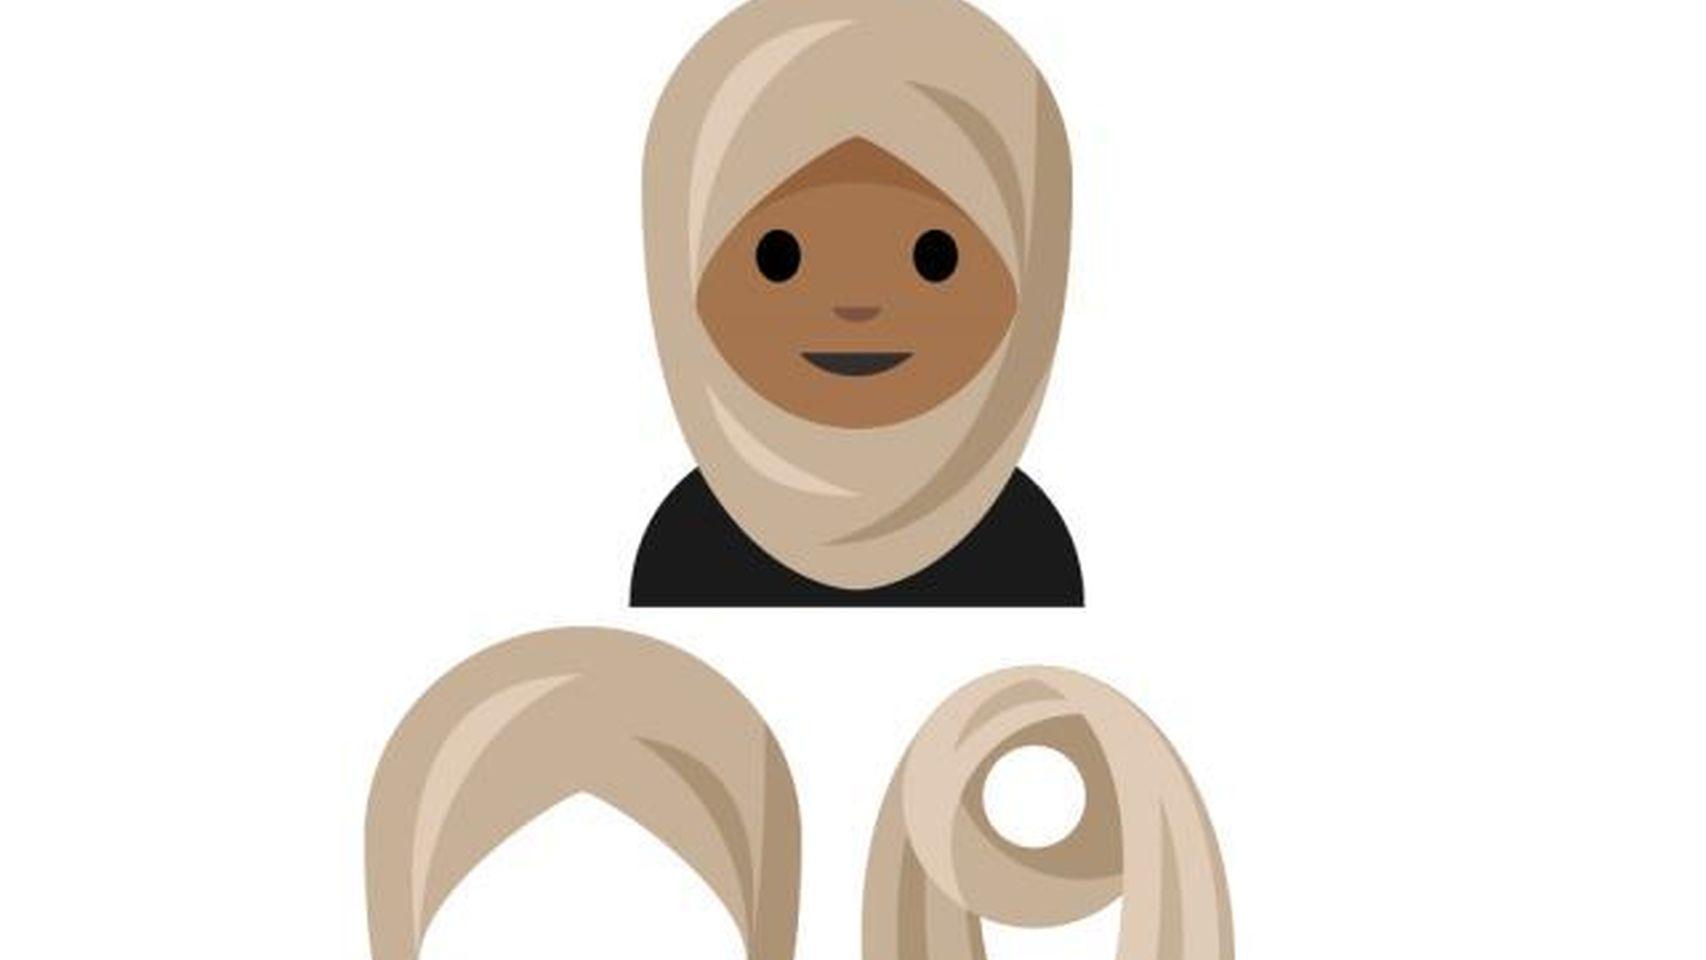 Whatsapp incluirá el hijab entre los nuevos emojis de 2017